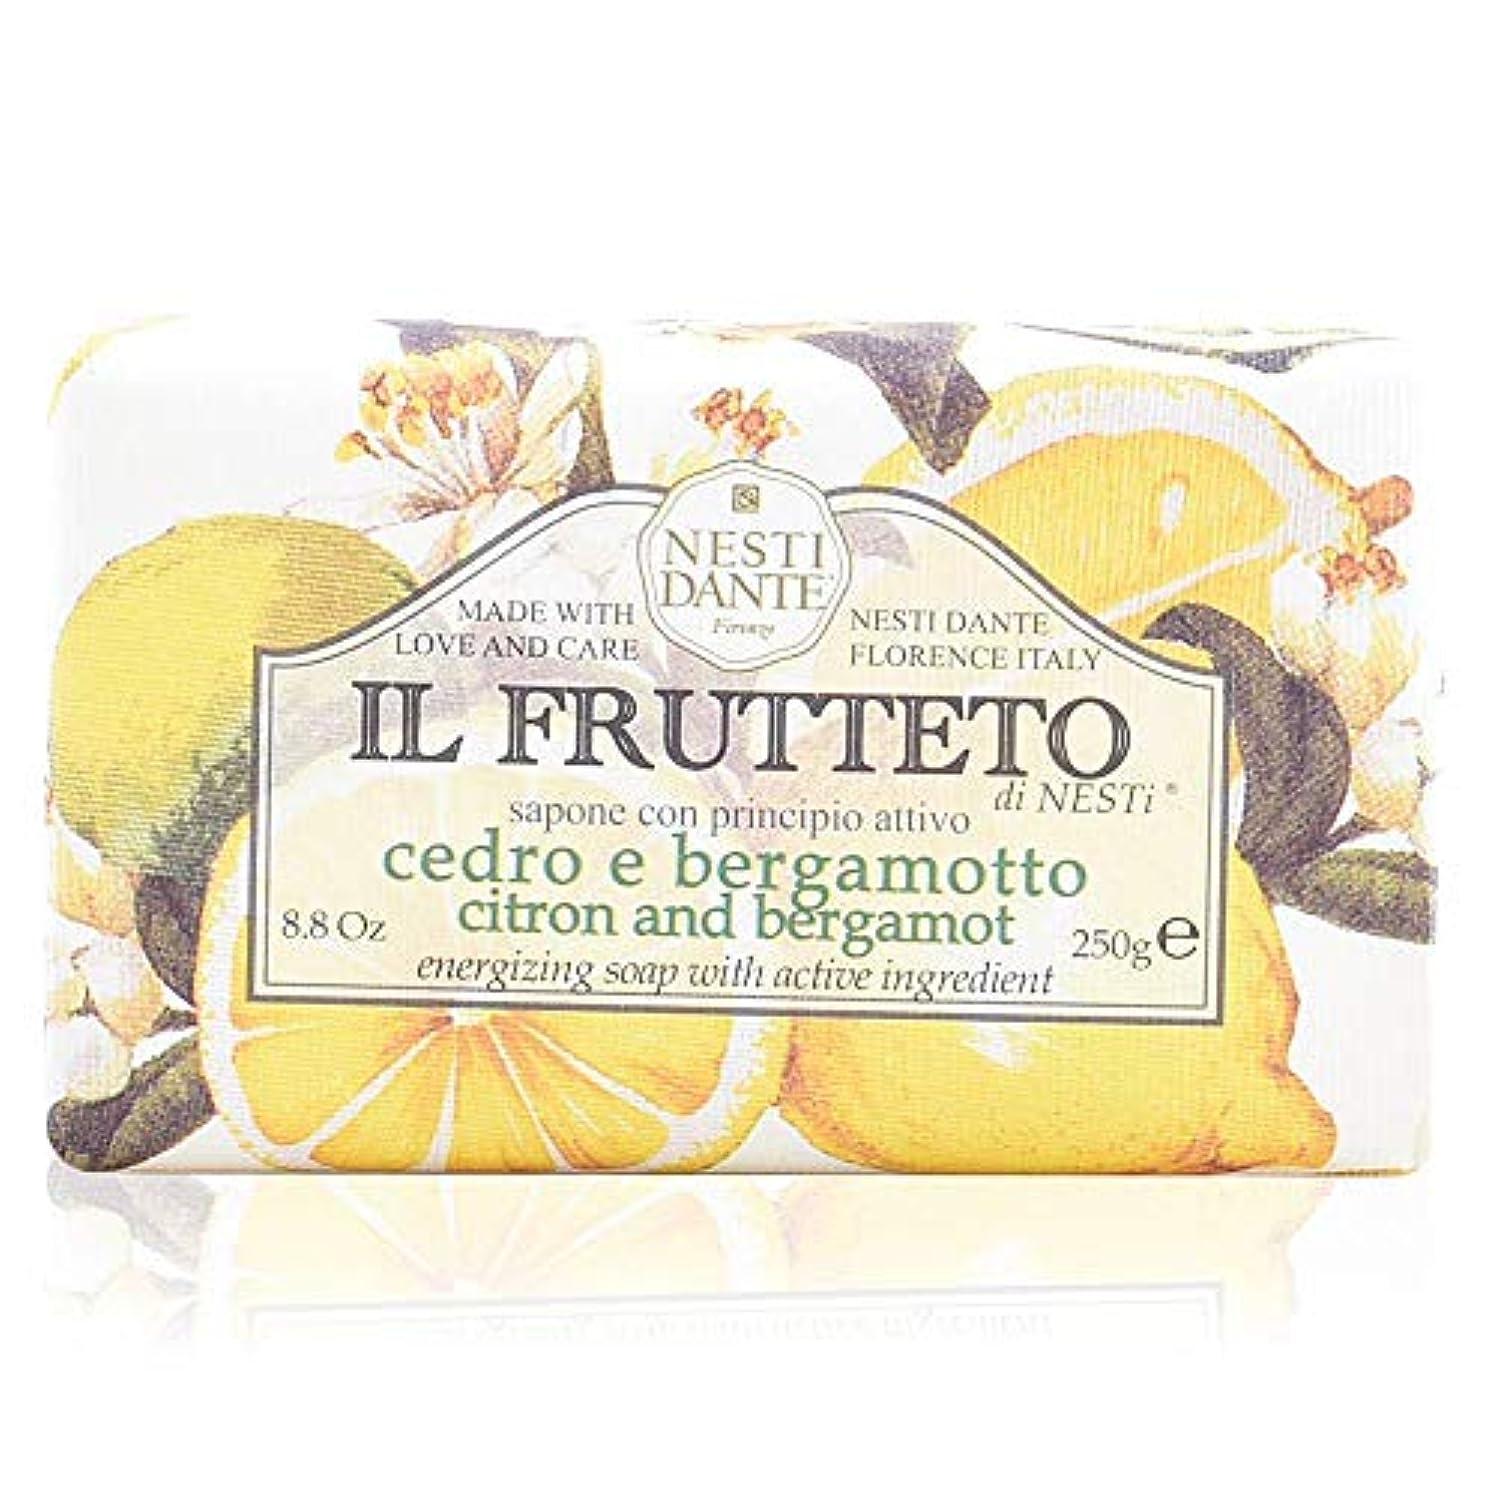 ネスティダンテ イル フルッテート ソープ レモン&ベルガモット 250g